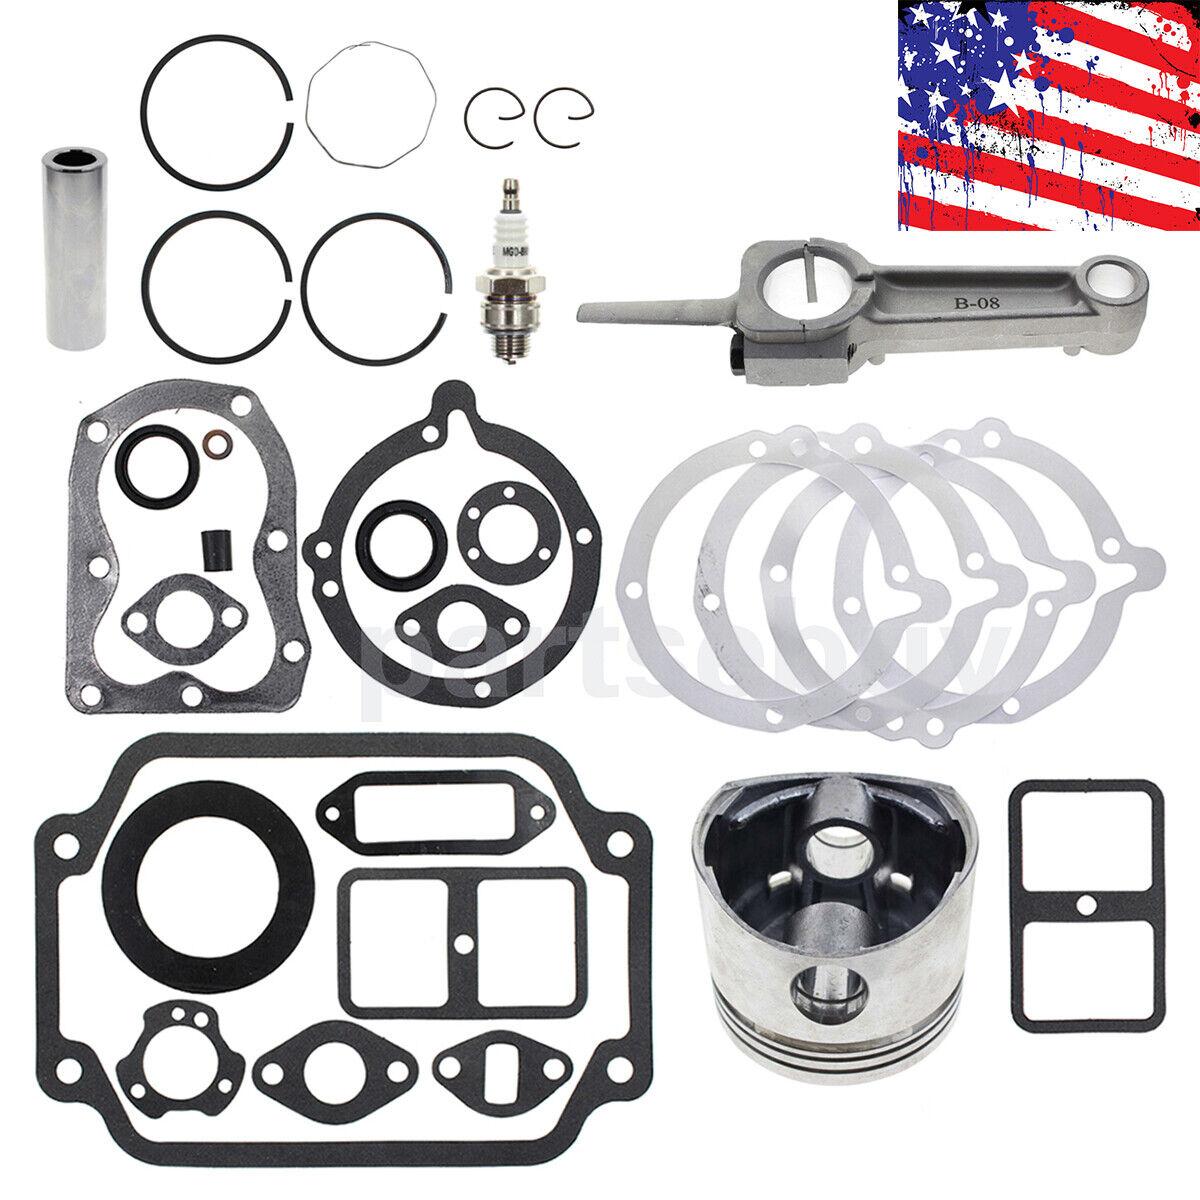 Motor reconstruir Kit Para Kohler Standard 8 HP (K181) motores Completo Juego De Juntas